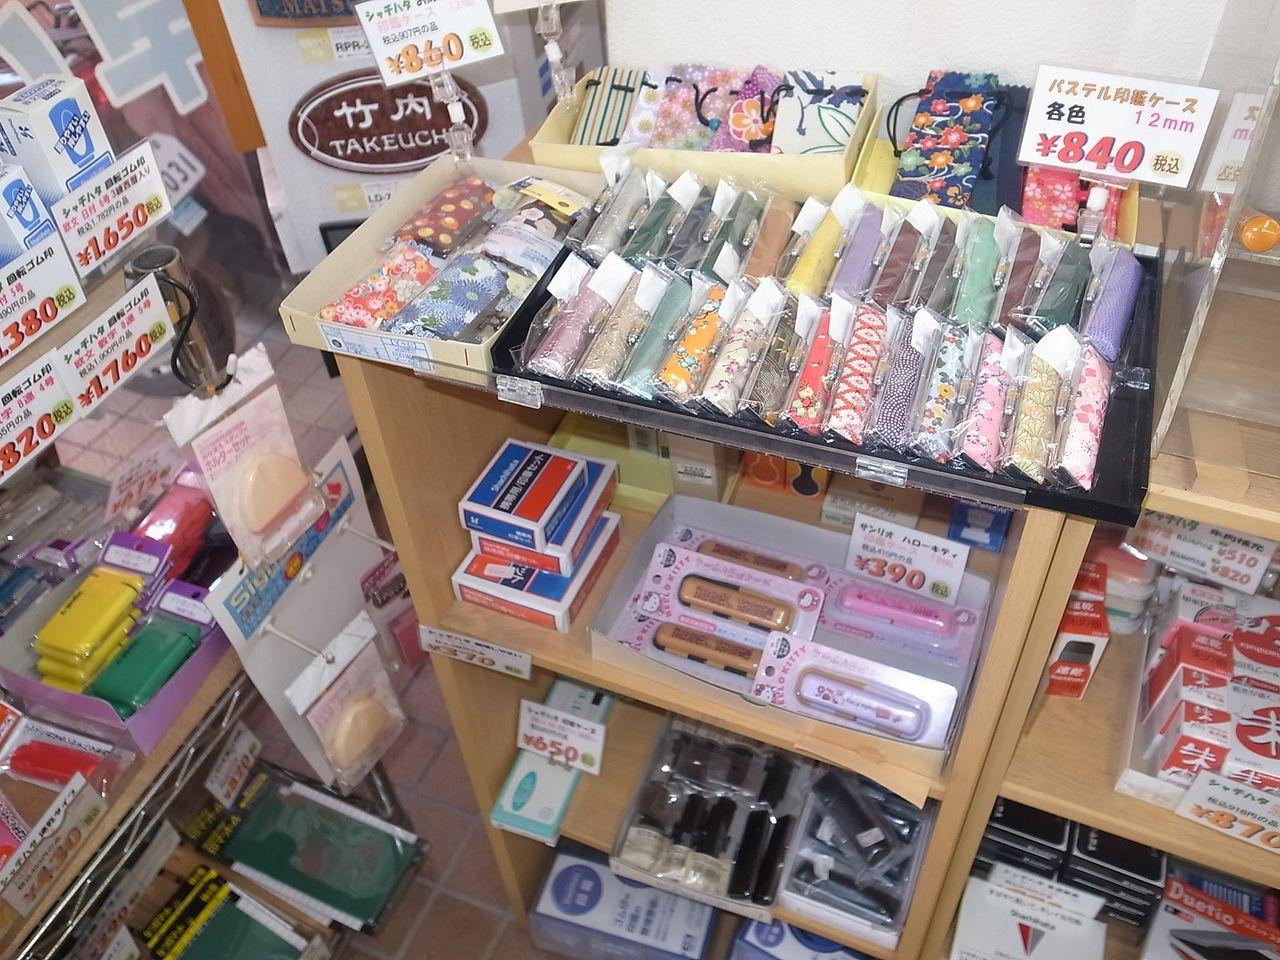 ハンコ卸売センター 越谷店さんには印鑑ケースも多くあります!